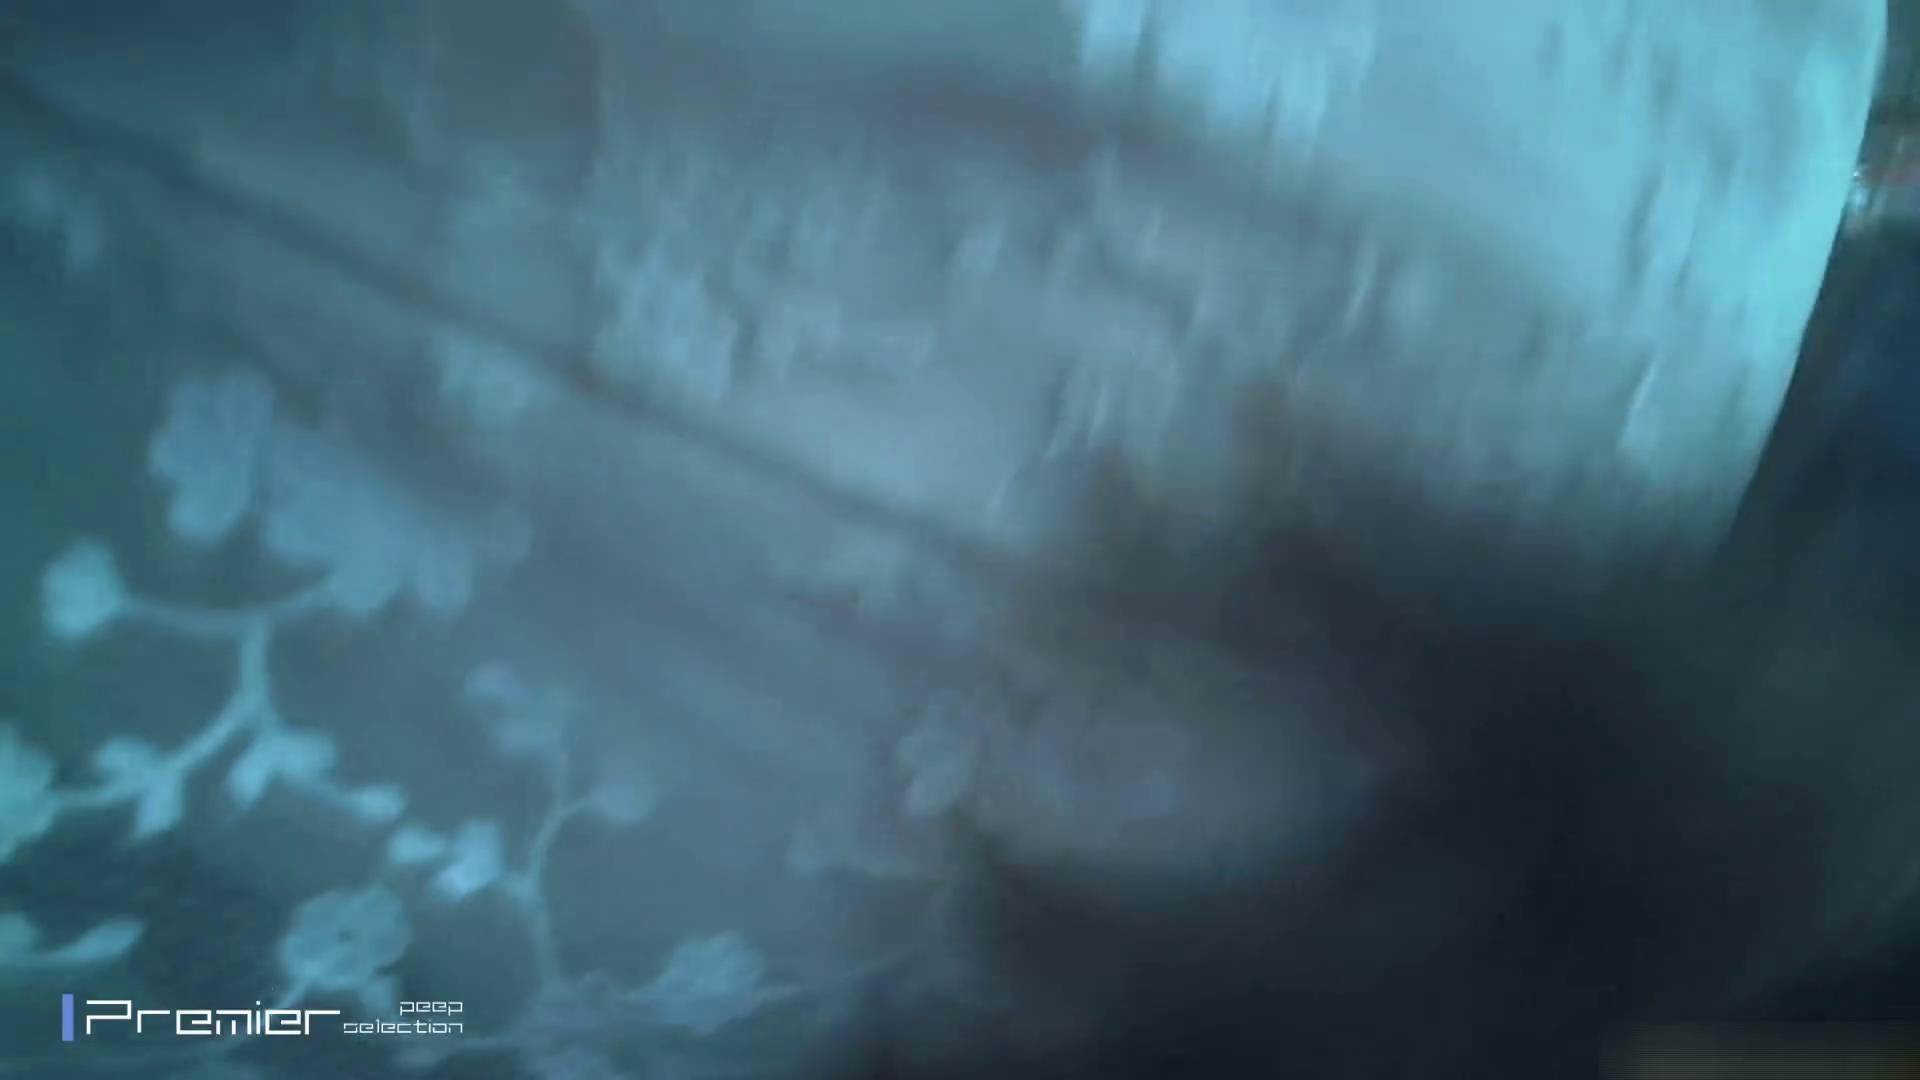 ギャルのパンチラ 美女の痴態に密着!Vol.20 盗撮映像大放出 盗撮動画紹介 77連発 59